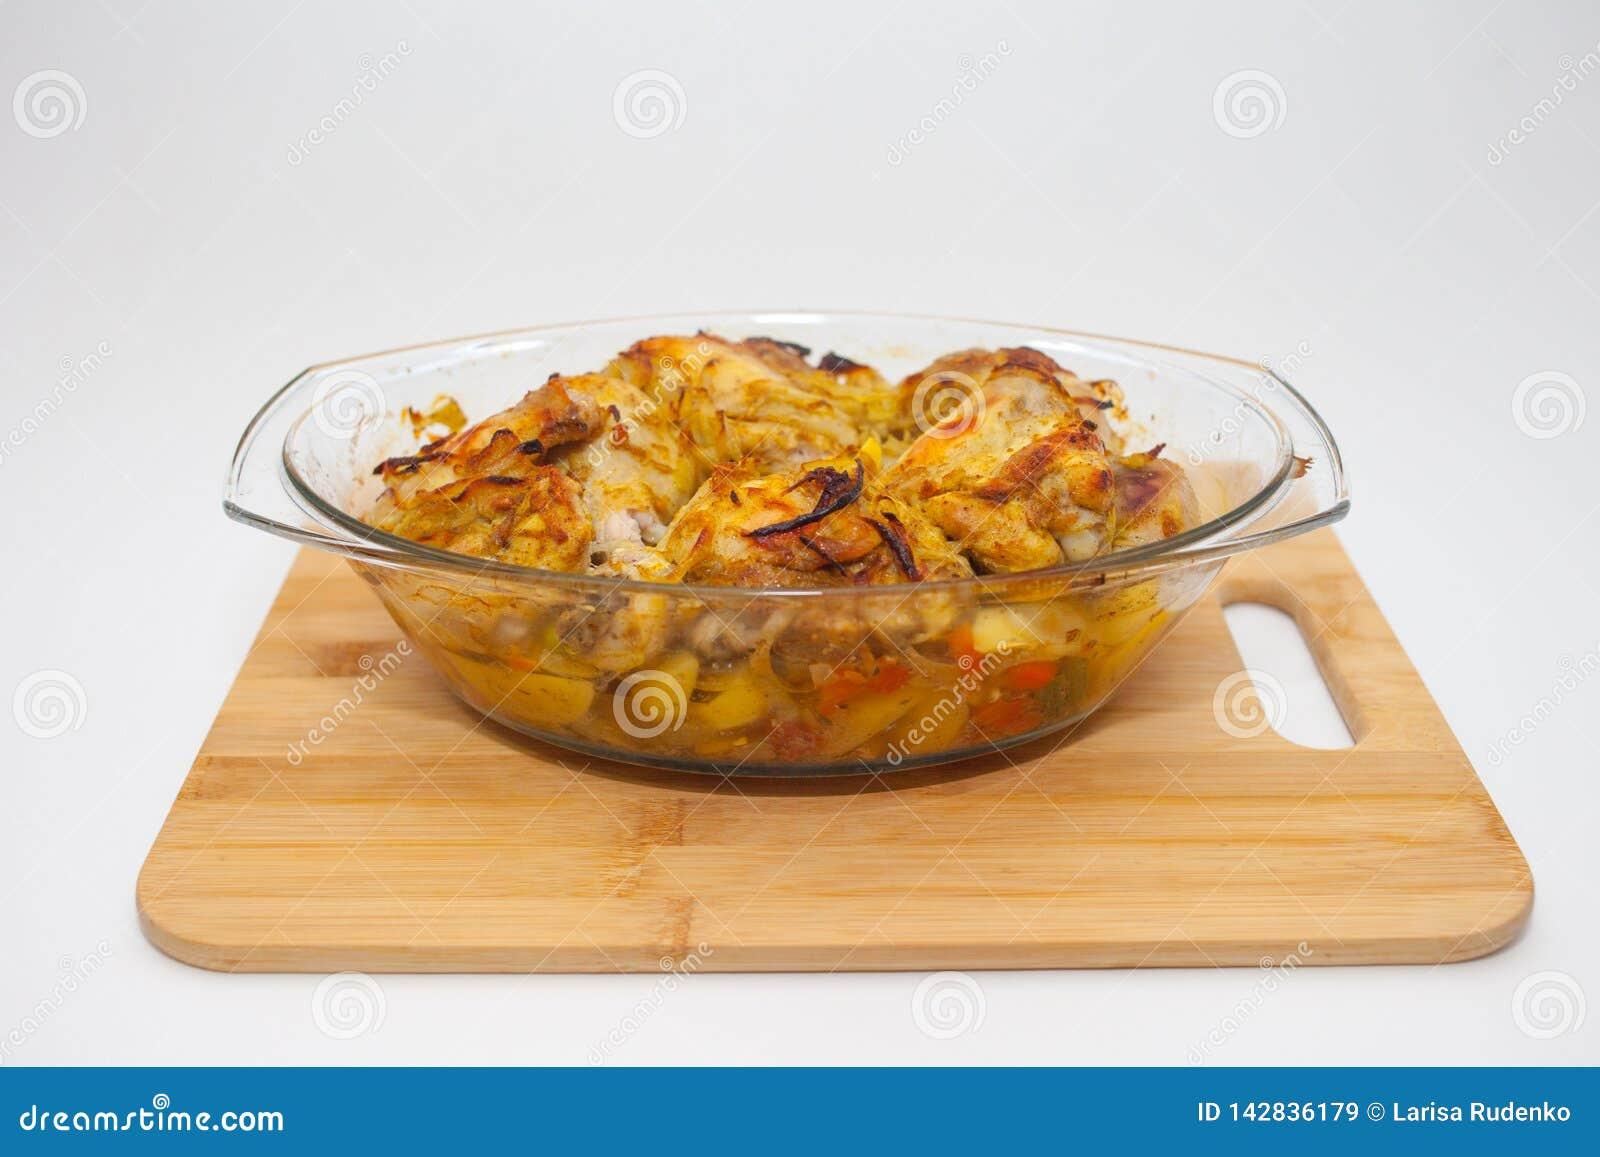 Kartoffeln mit dem Gem?se gebacken im Ofen in einem Glasbeh?lter mit einem Deckel Schneidebrett und wei?er Hintergrund